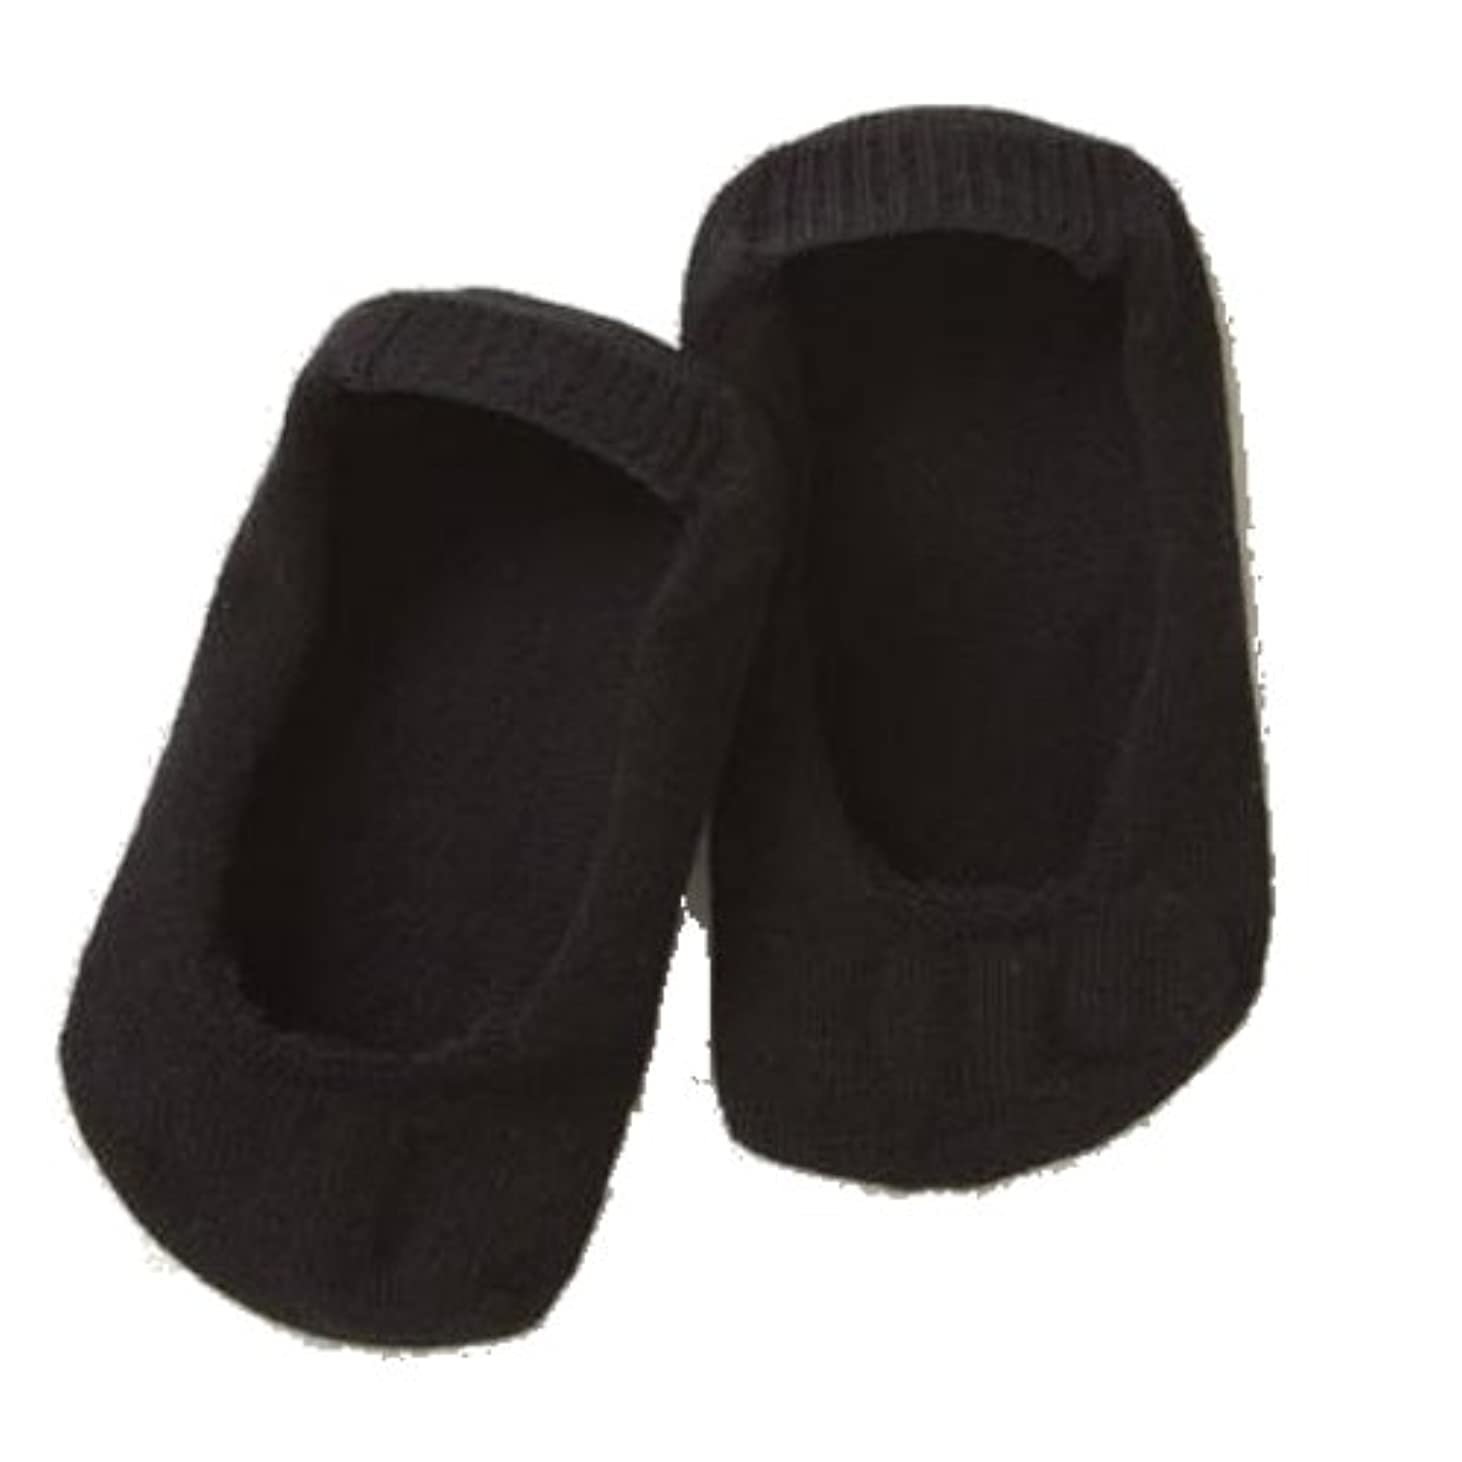 洗う所有権優雅足指すっきり内側5本指フットカバー 1足組 ブラック